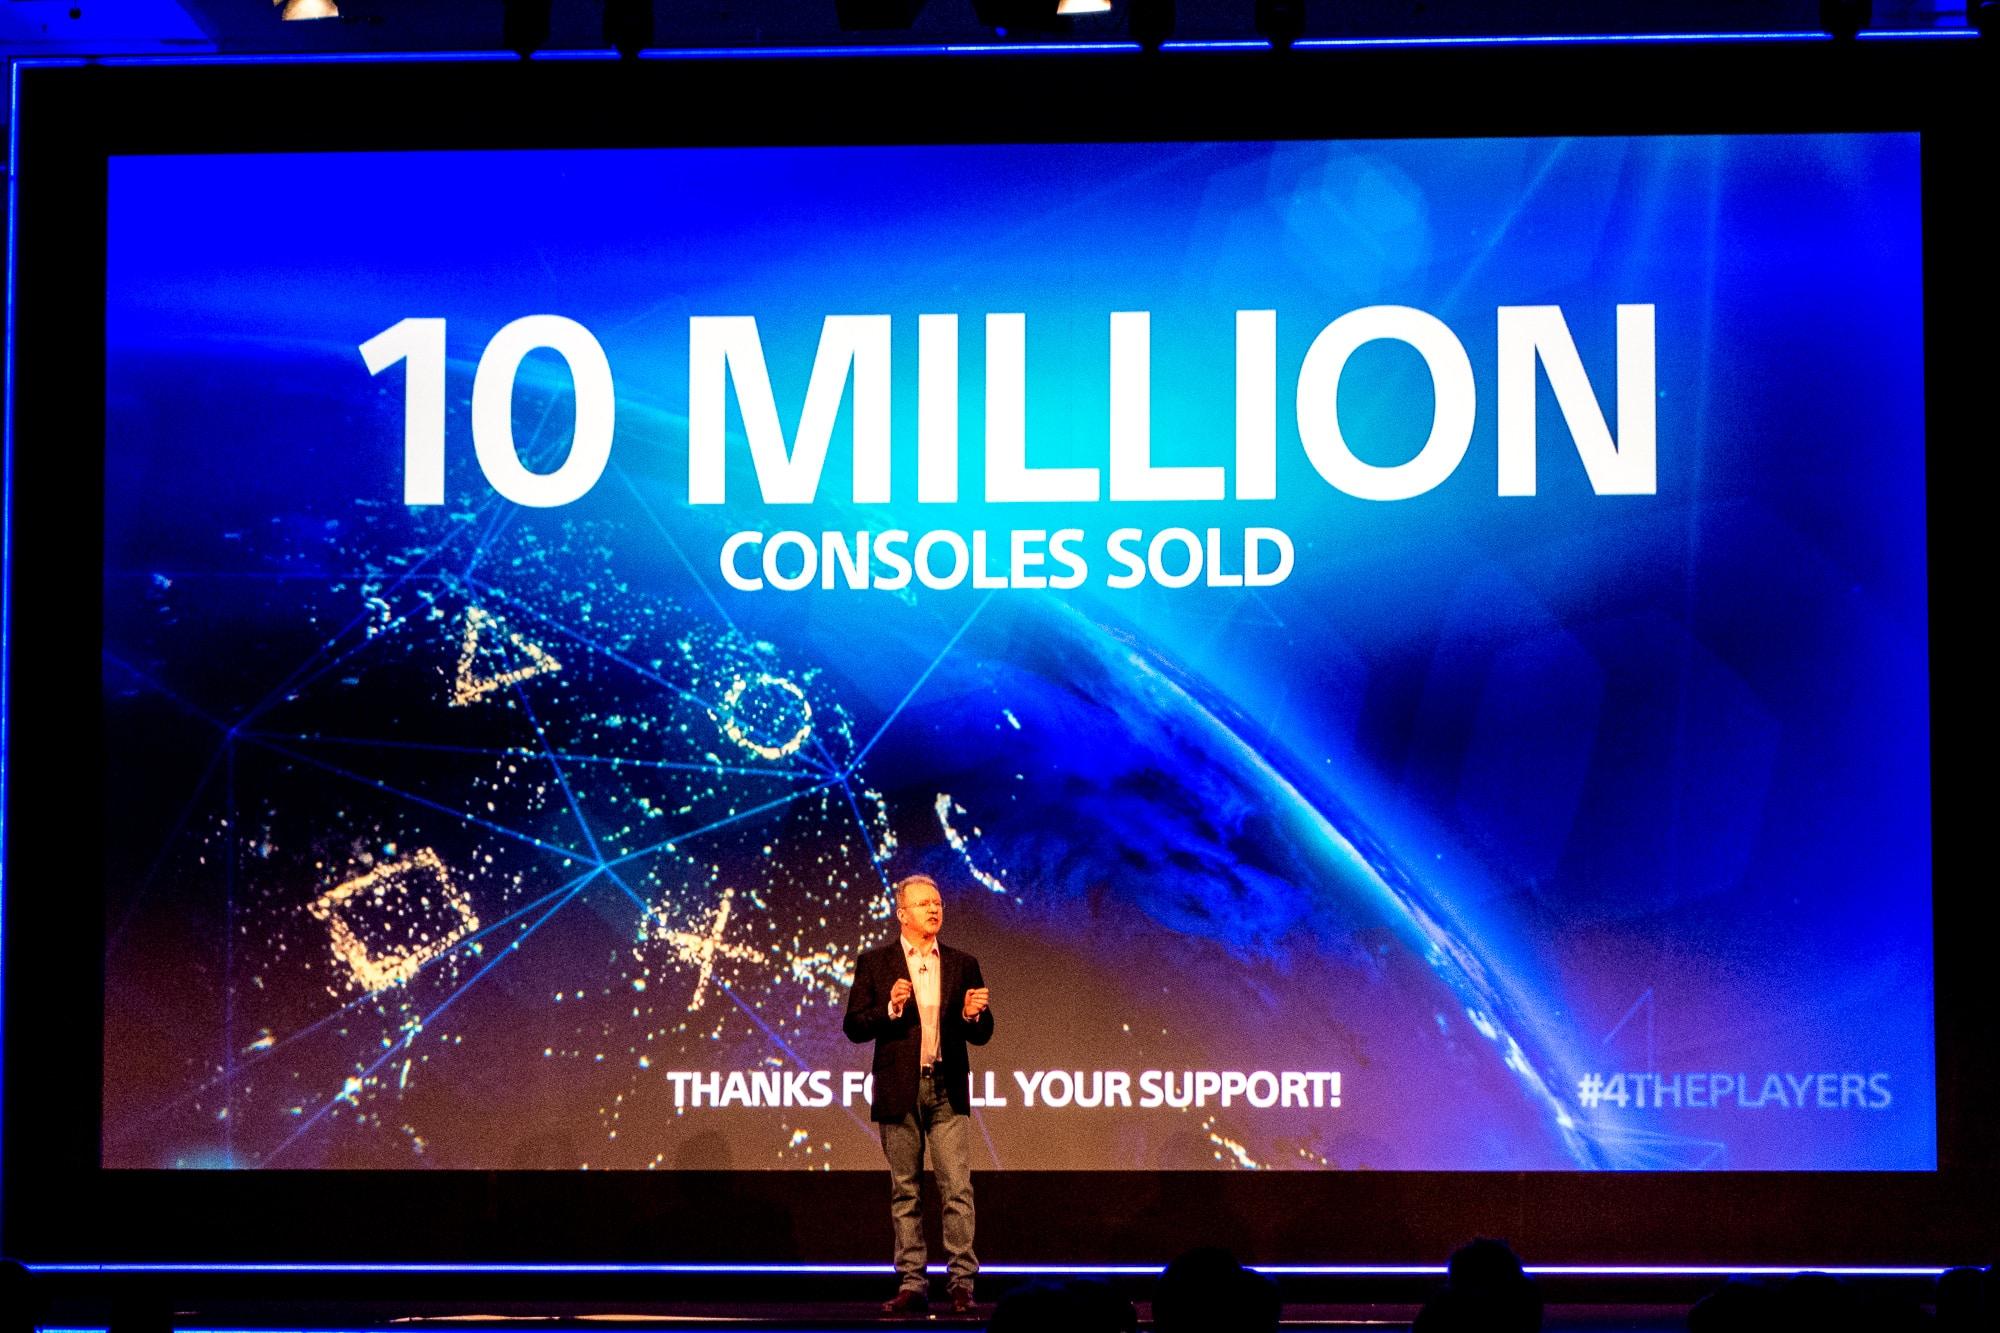 En lo que va de 2014, Sony vendió 10 millones de PlayStation 4, sin sumar las ventas del 2013.